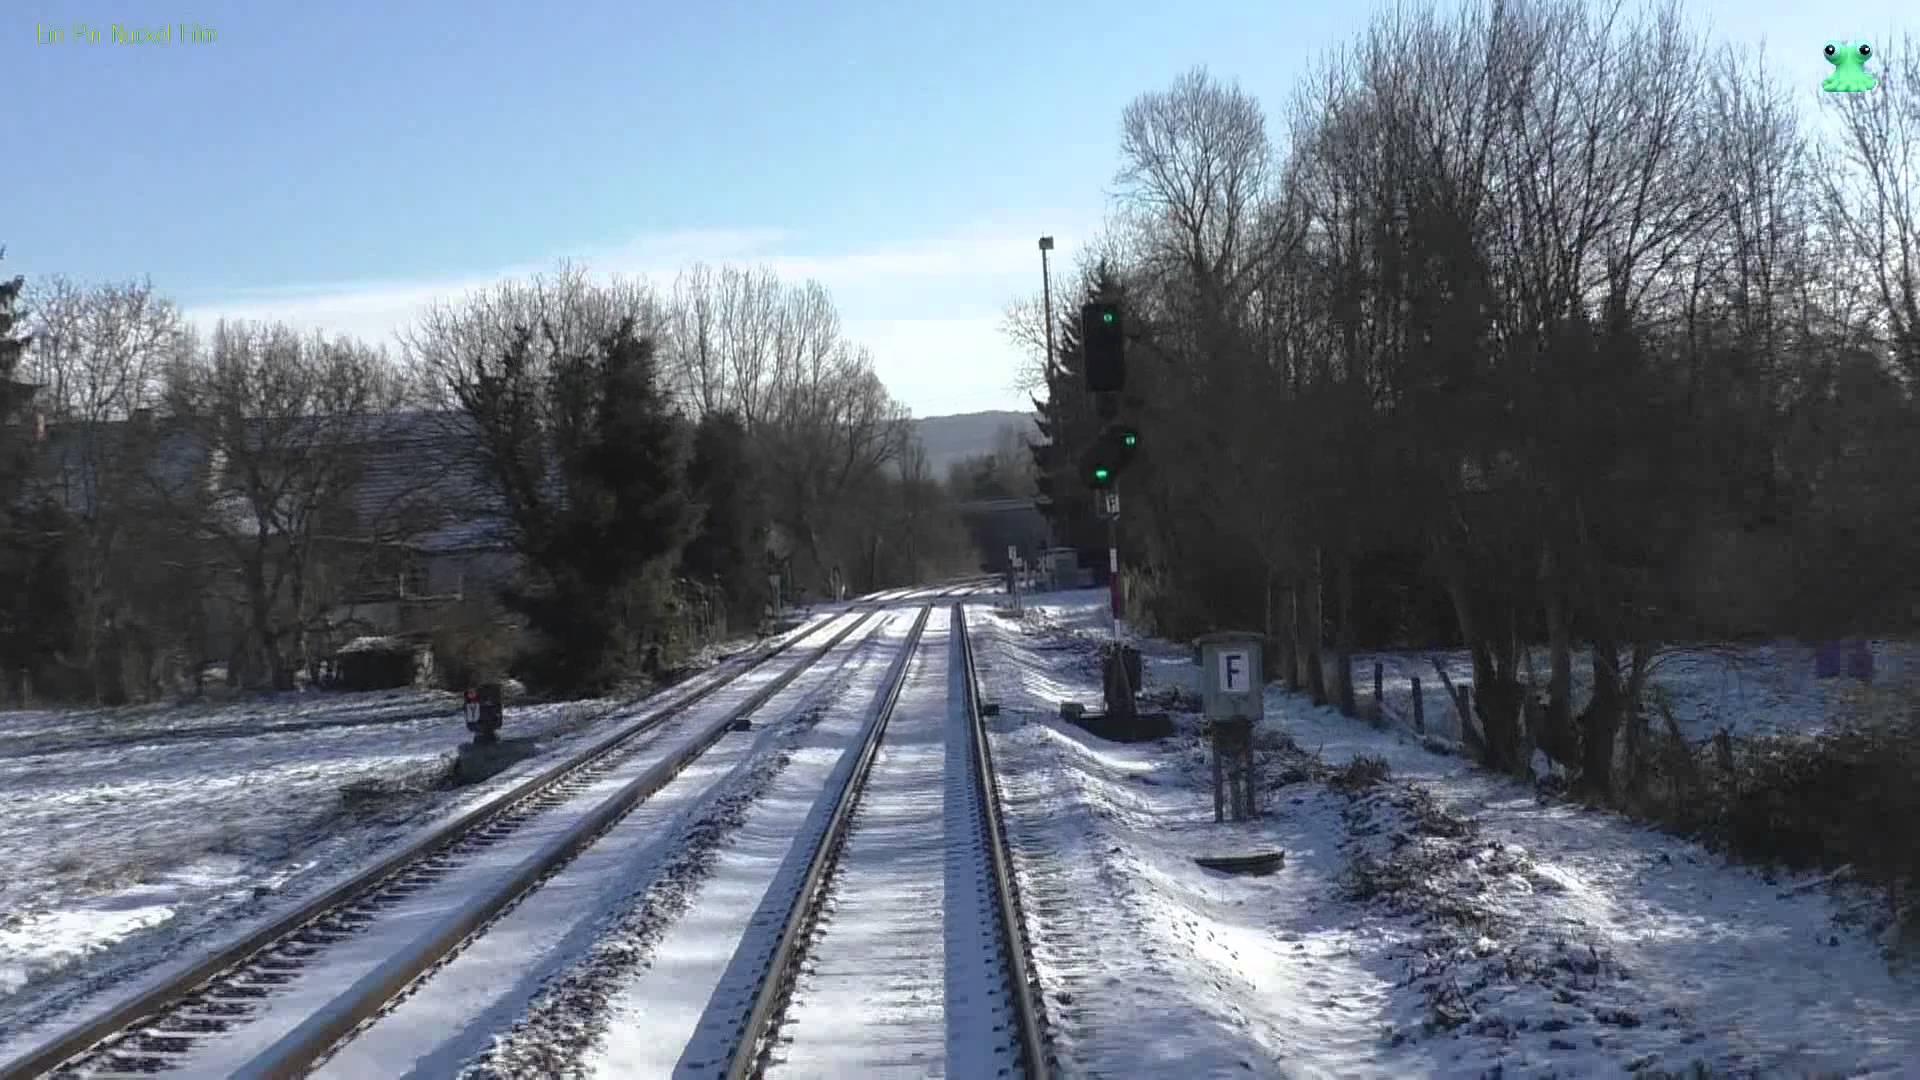 DB Bahn – Führerstandsmitfahrt Nr. 48 – Von Bad Kreuznach nach Kaiserslautern im Schnee